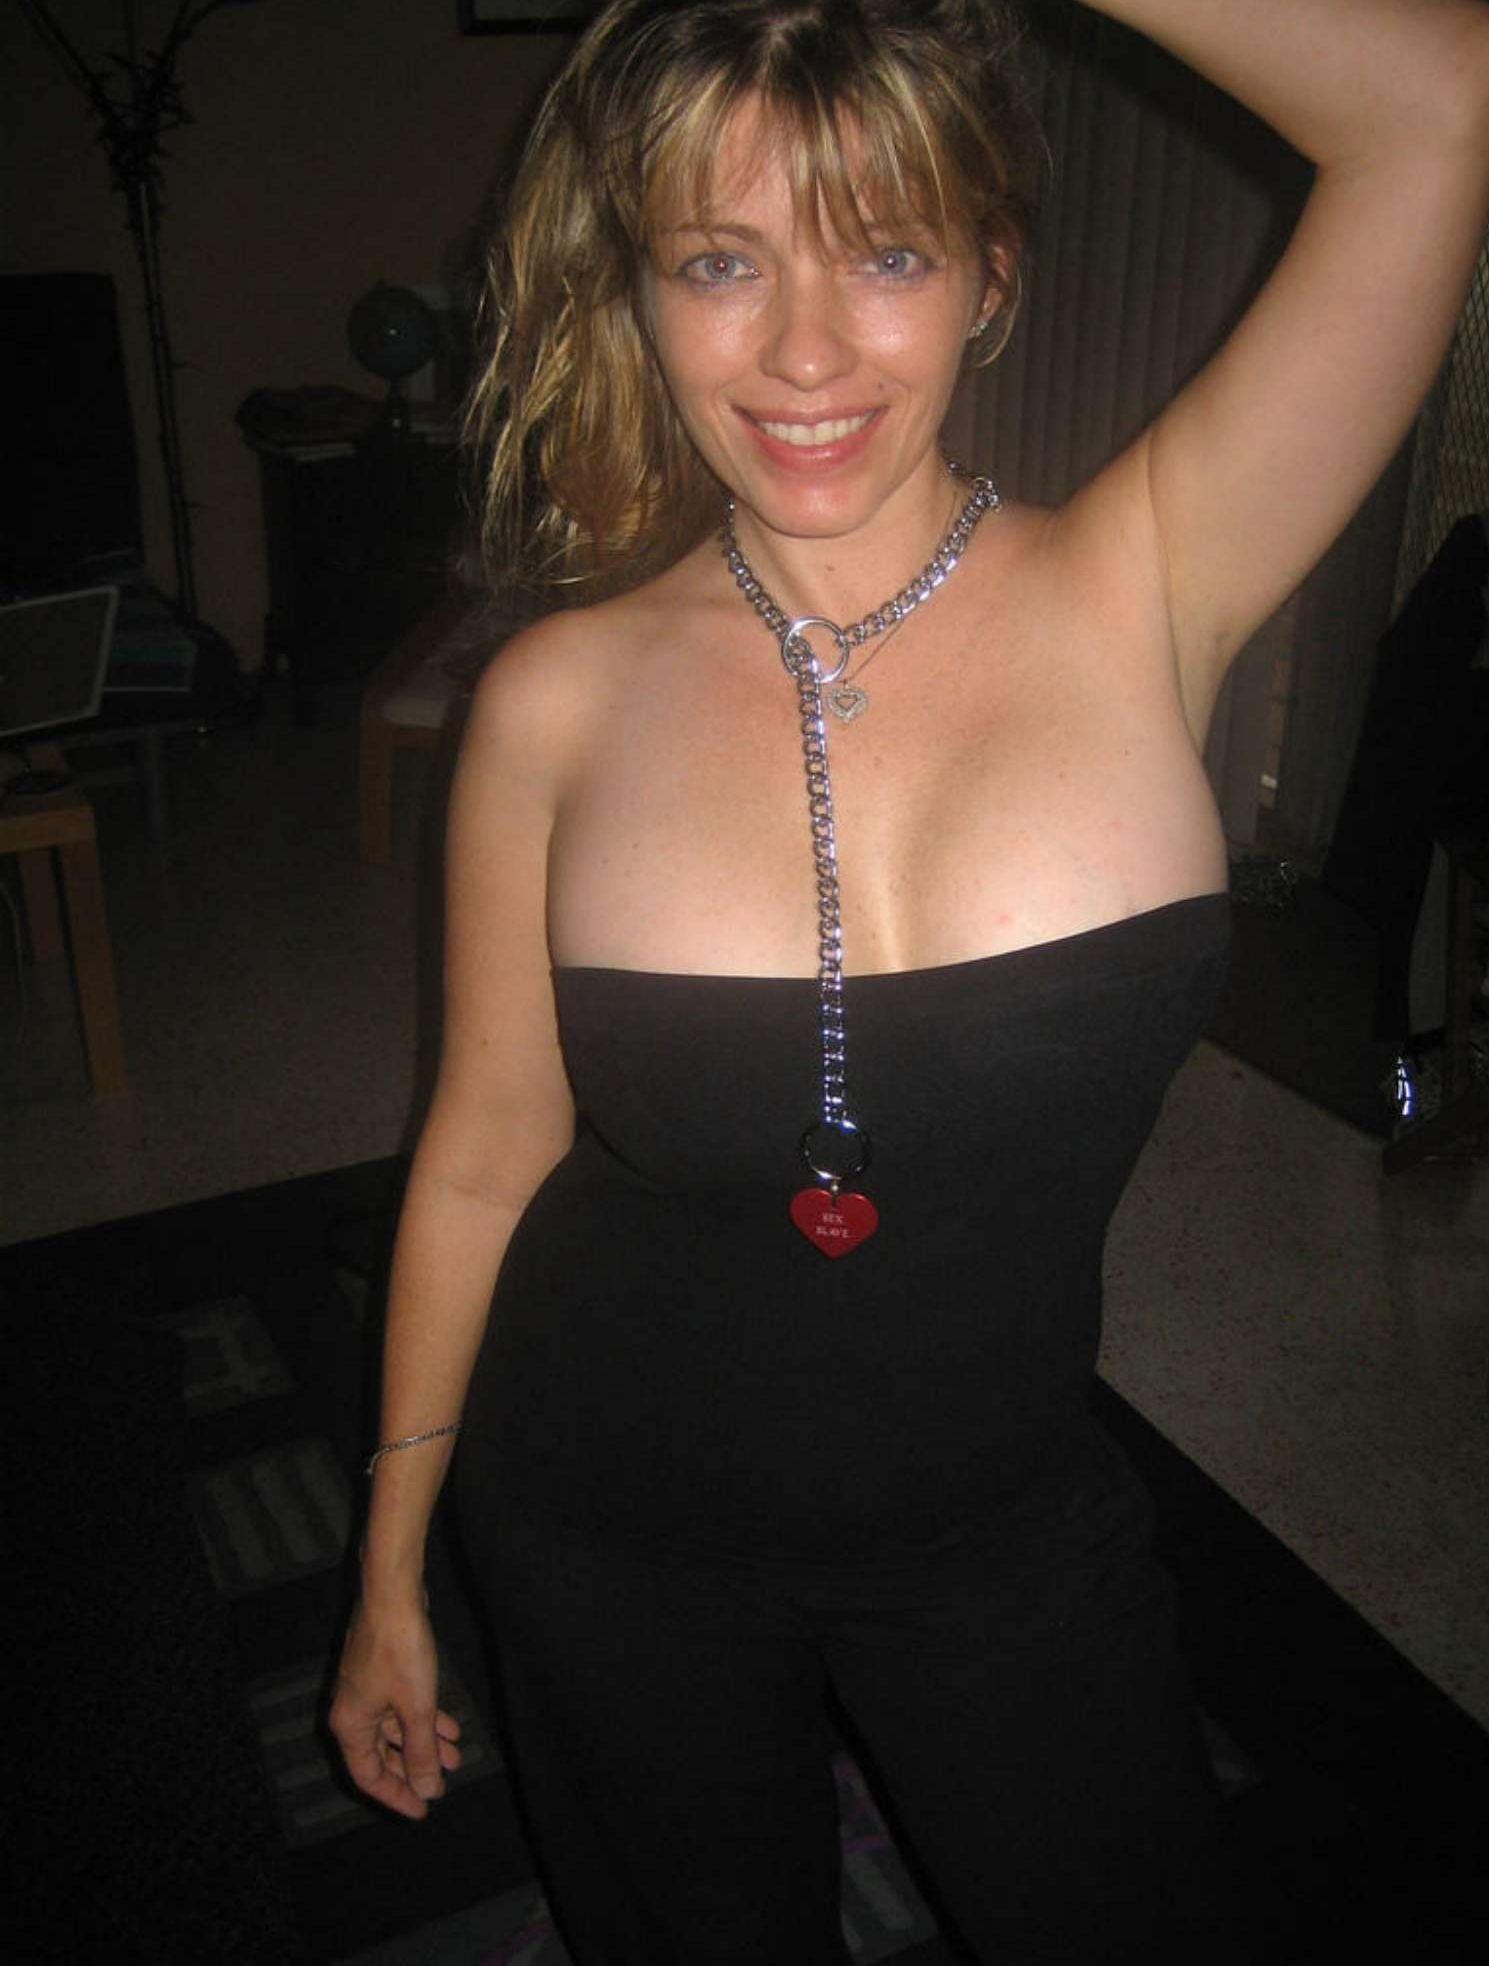 rysk tjej som heter olga vill dejta svensk man